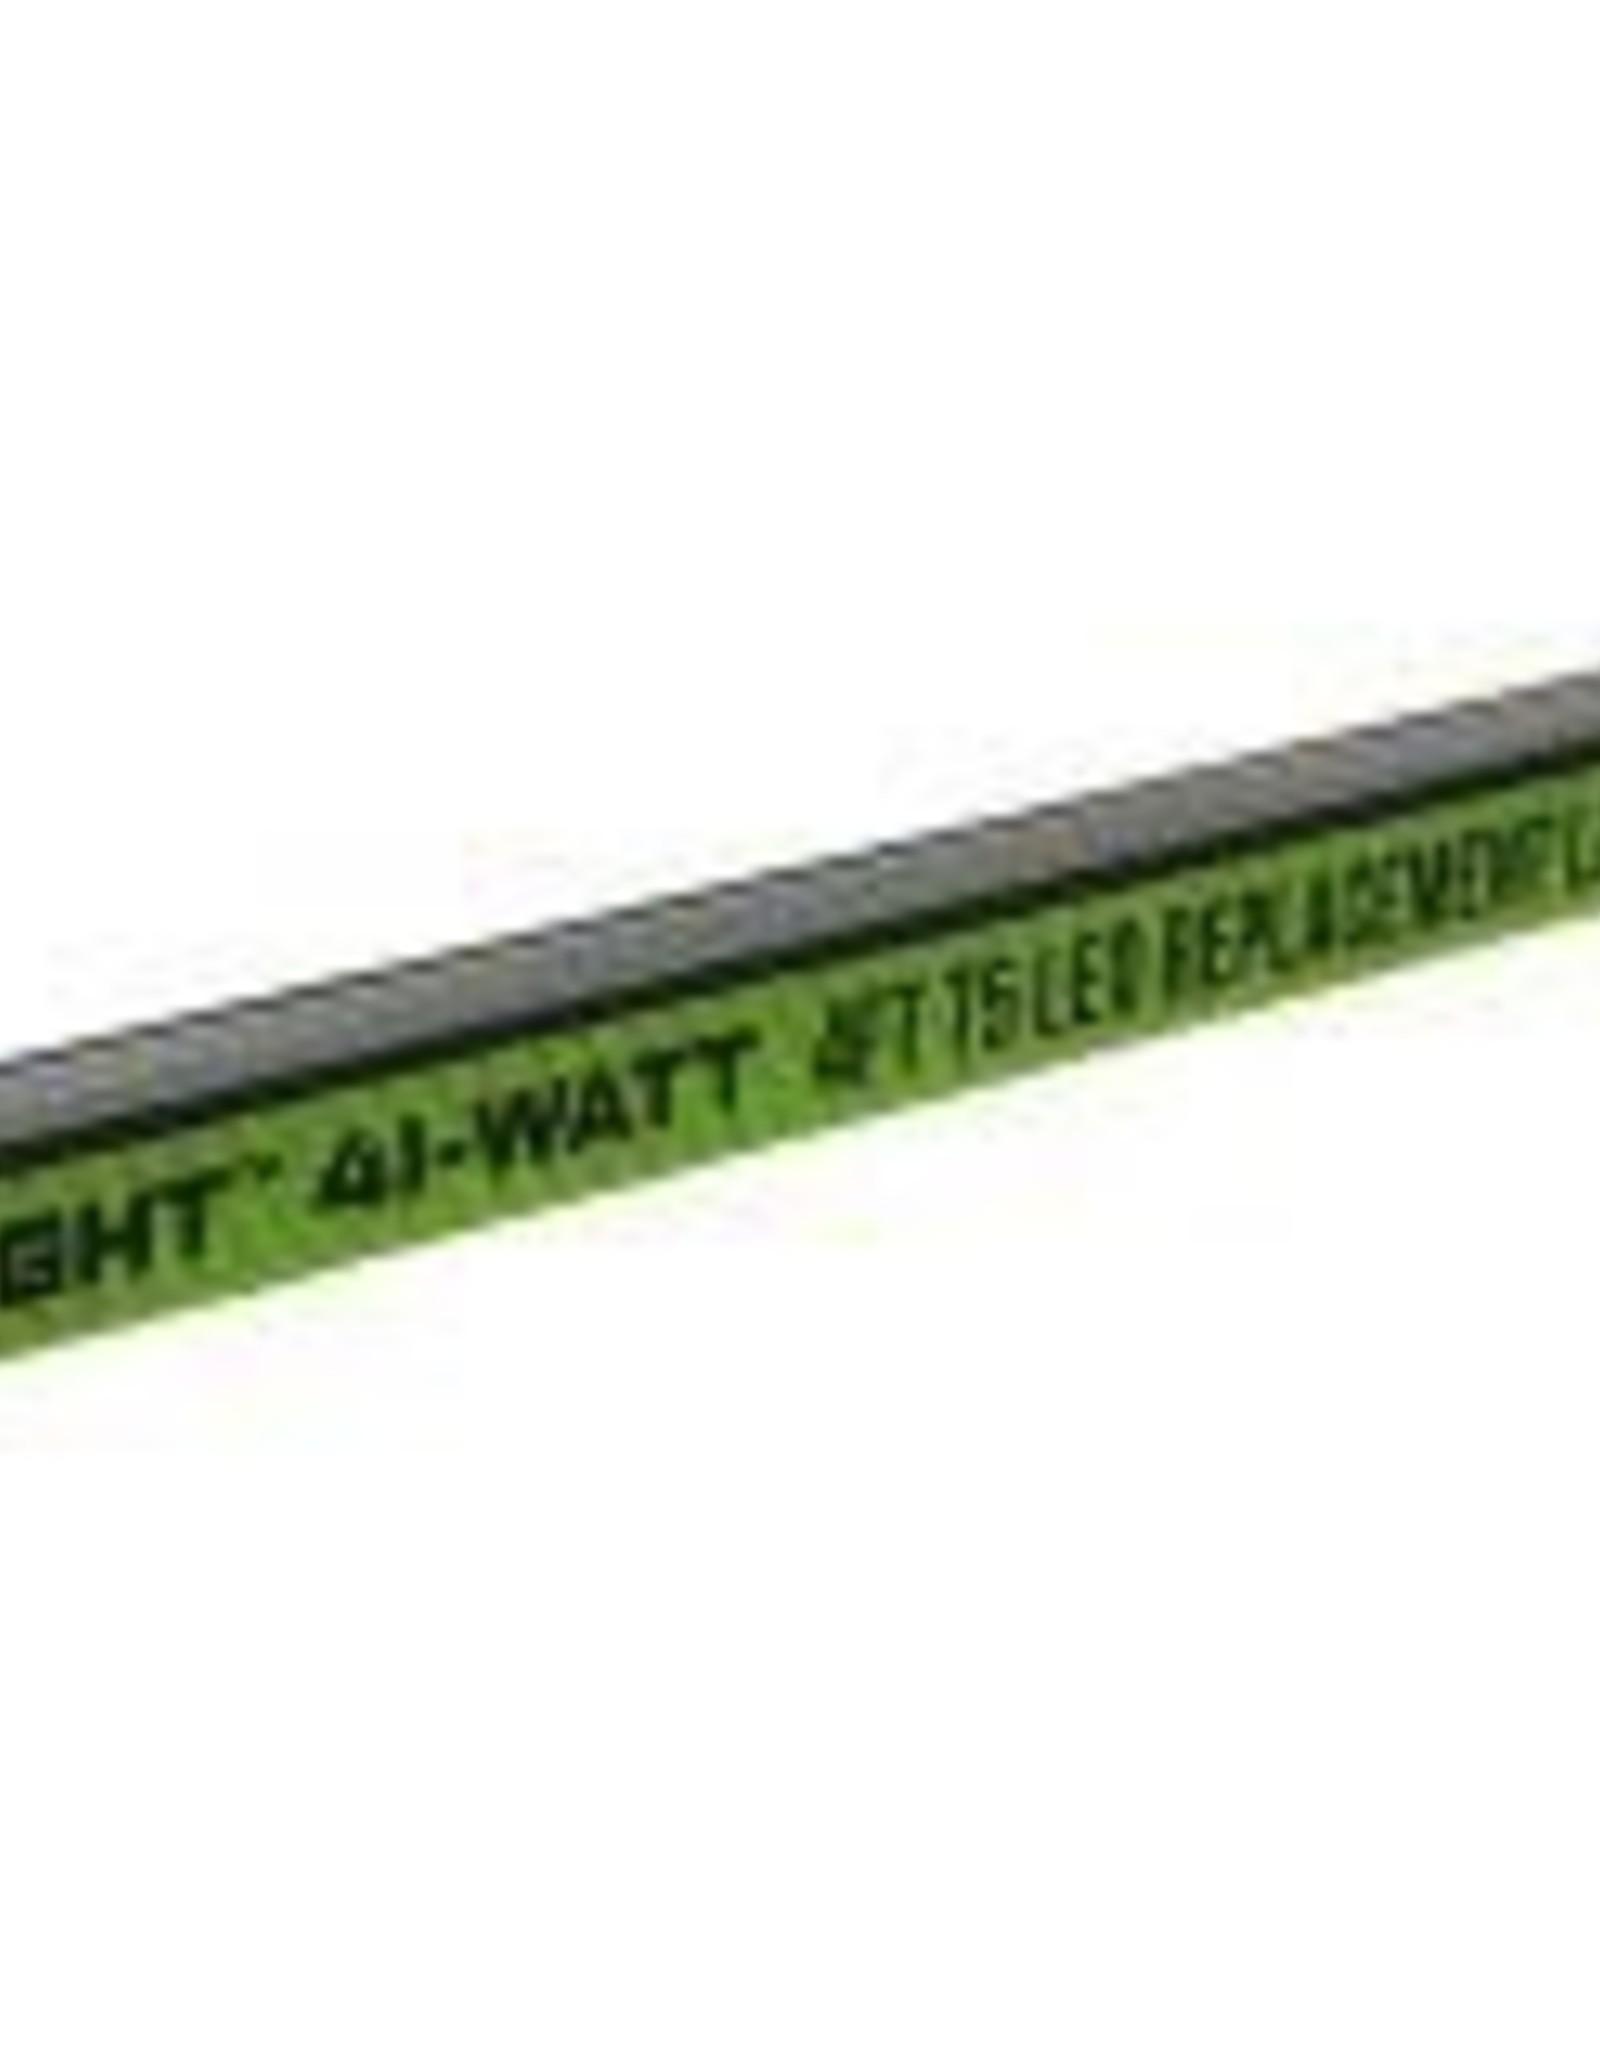 AGRO LED AgroLED iSunlight 41 Watt T5 4 ft White 5500K LED Lamp